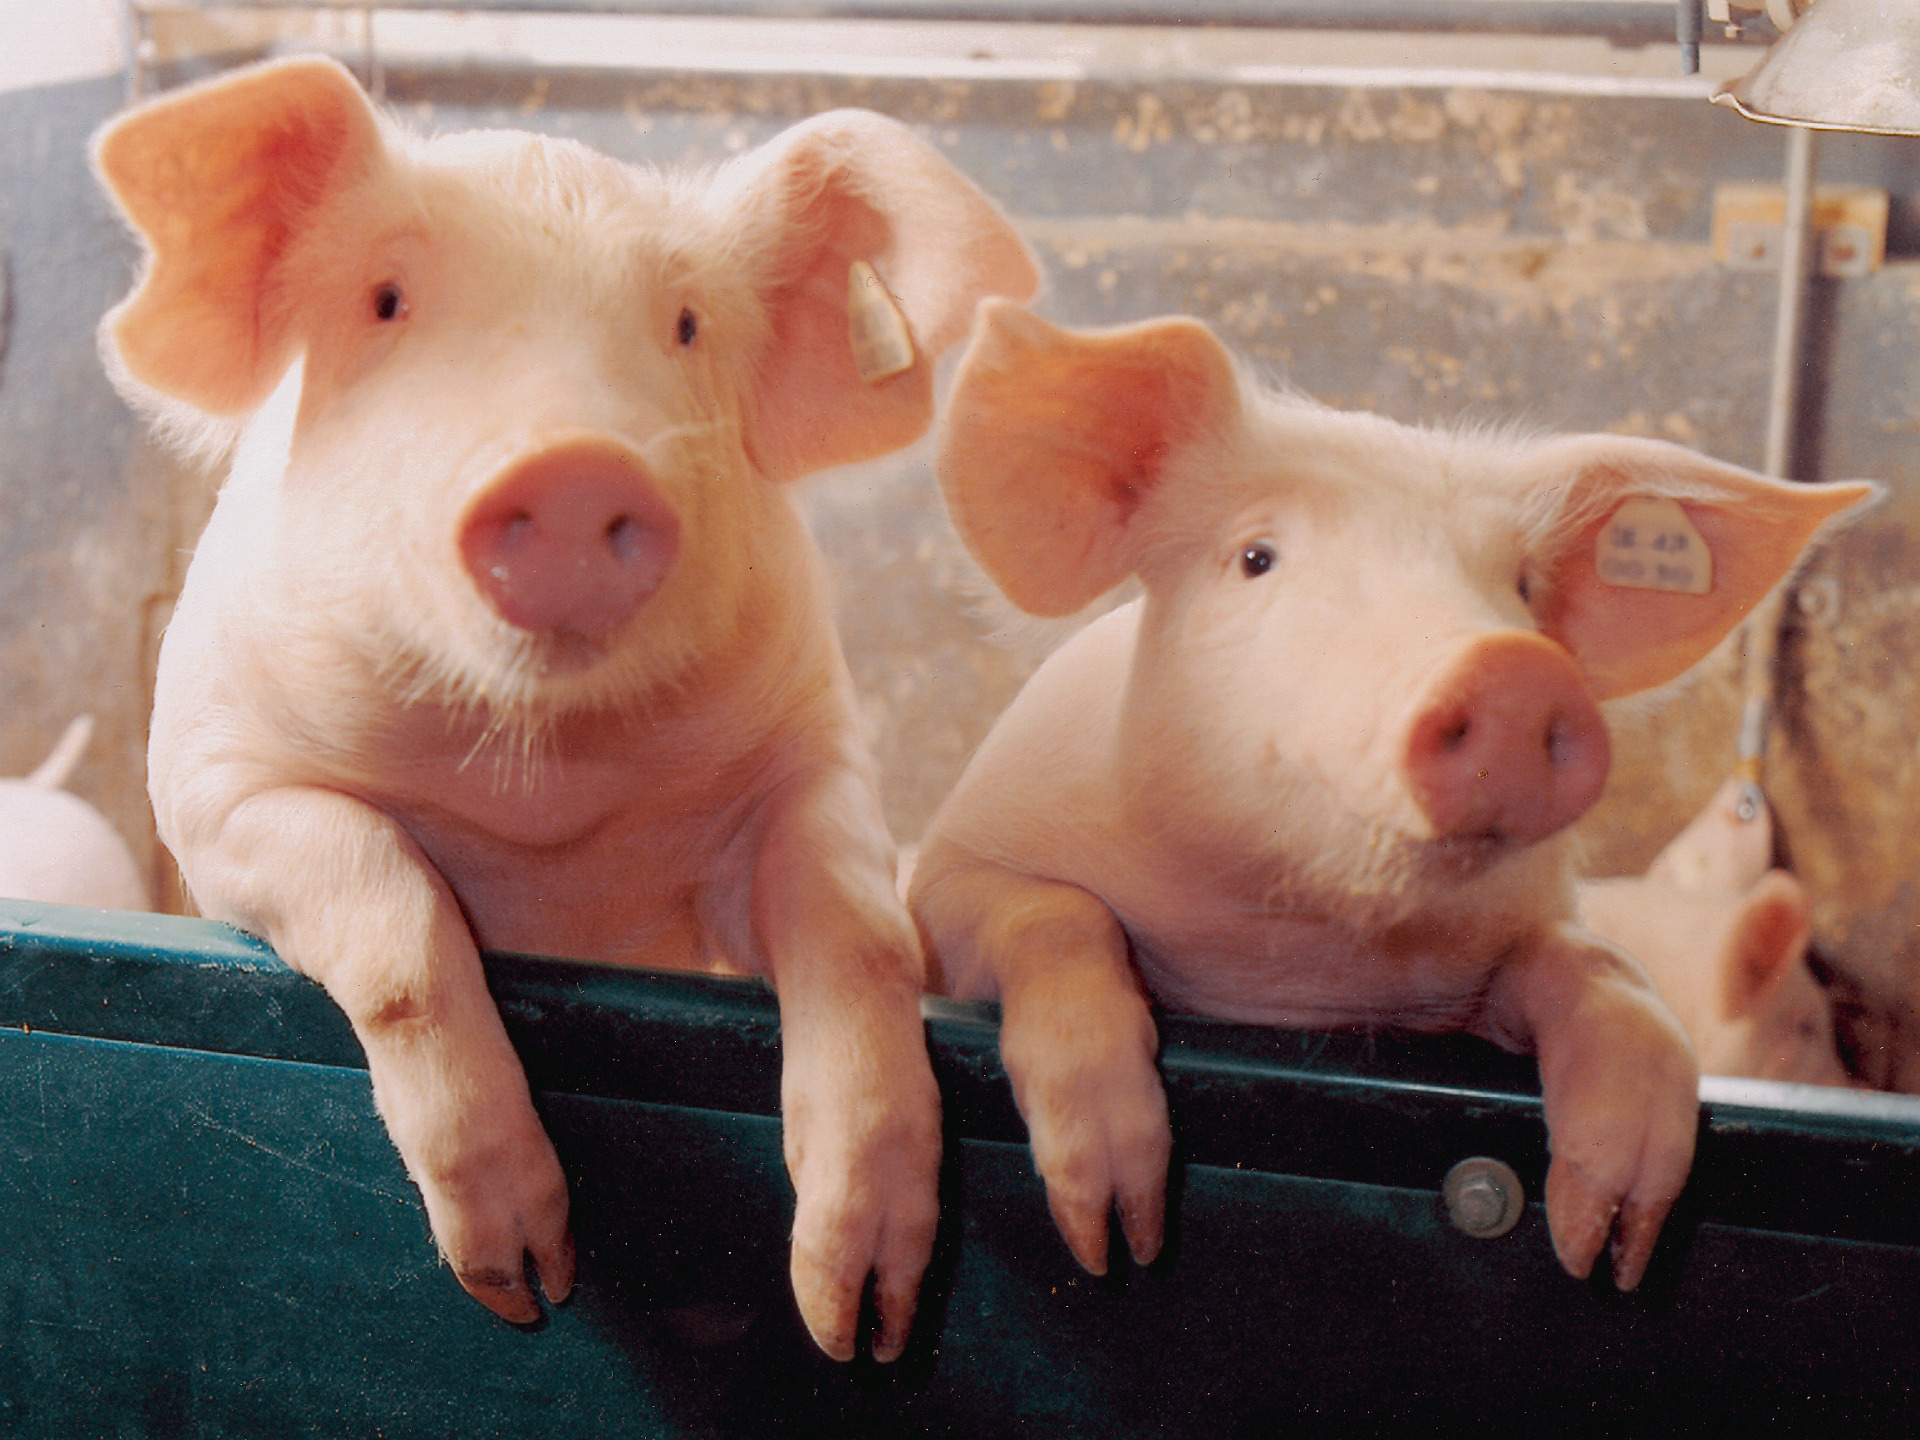 Two little Piggies   Pigs Wallpaper 1078267 1920x1440